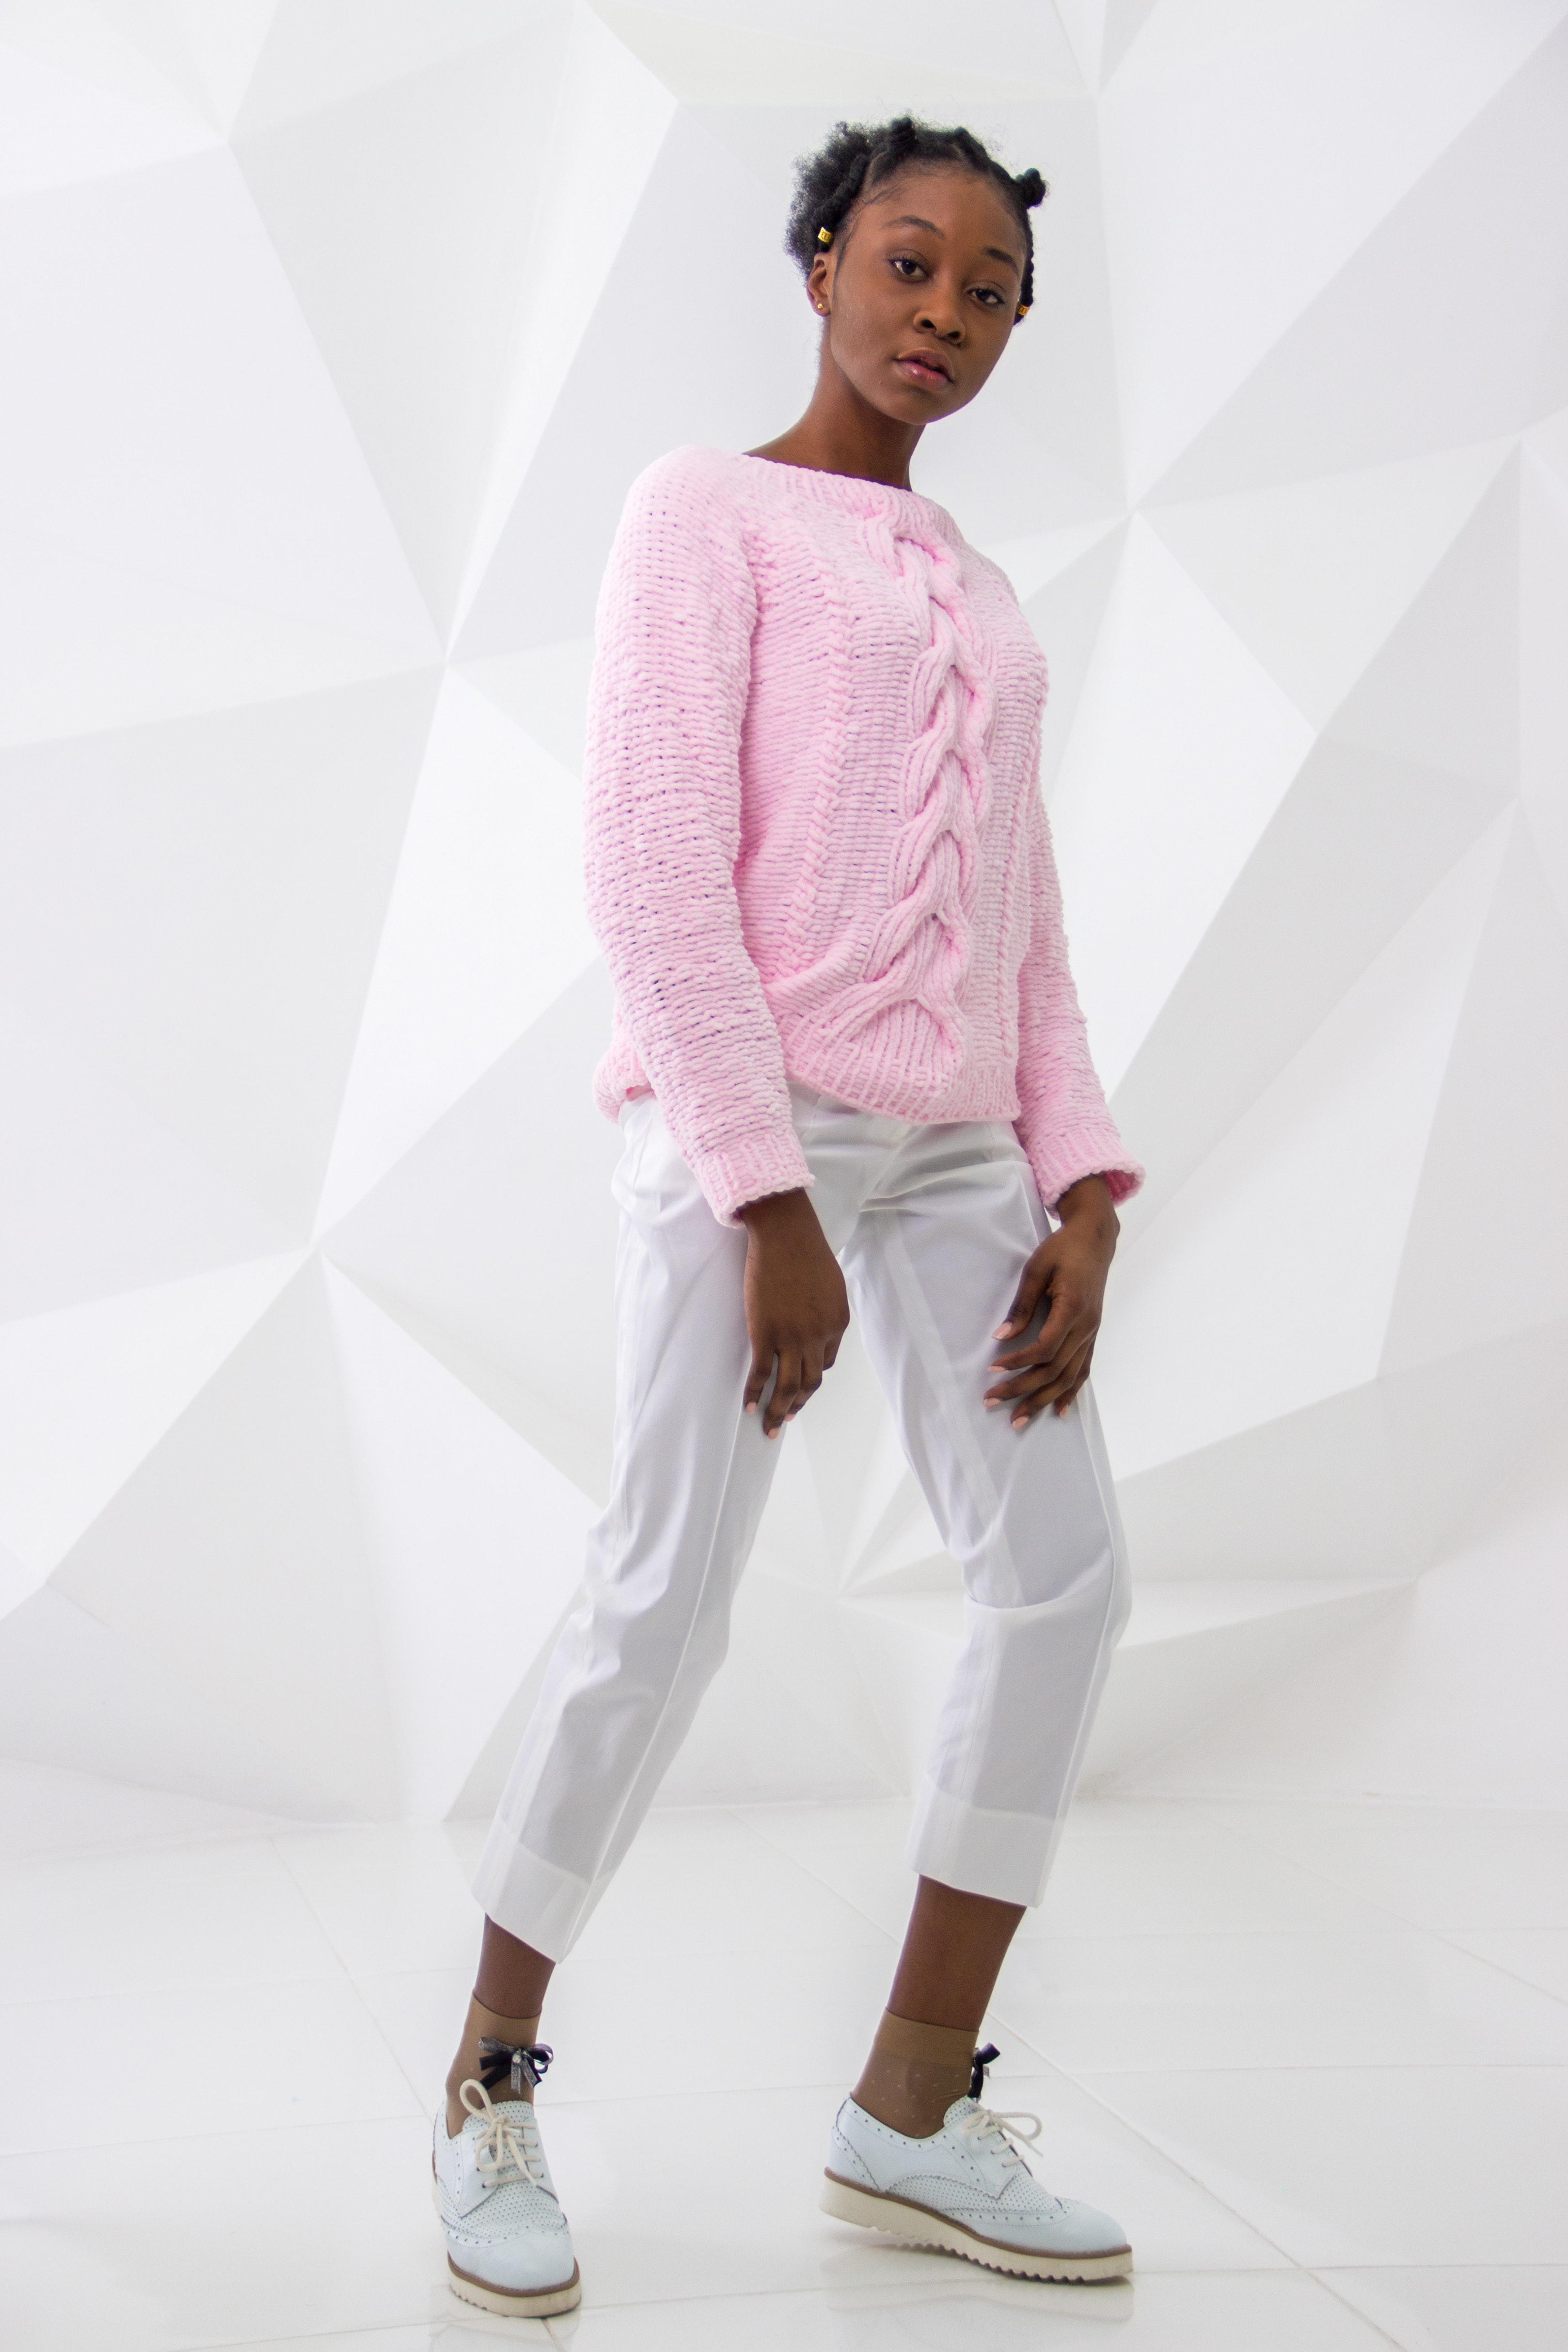 dbb67da55322 neformálne súčasník móda módne Žena dievča pletený tovar Model človek  fotenie póza pekný štýl moderné nosenie